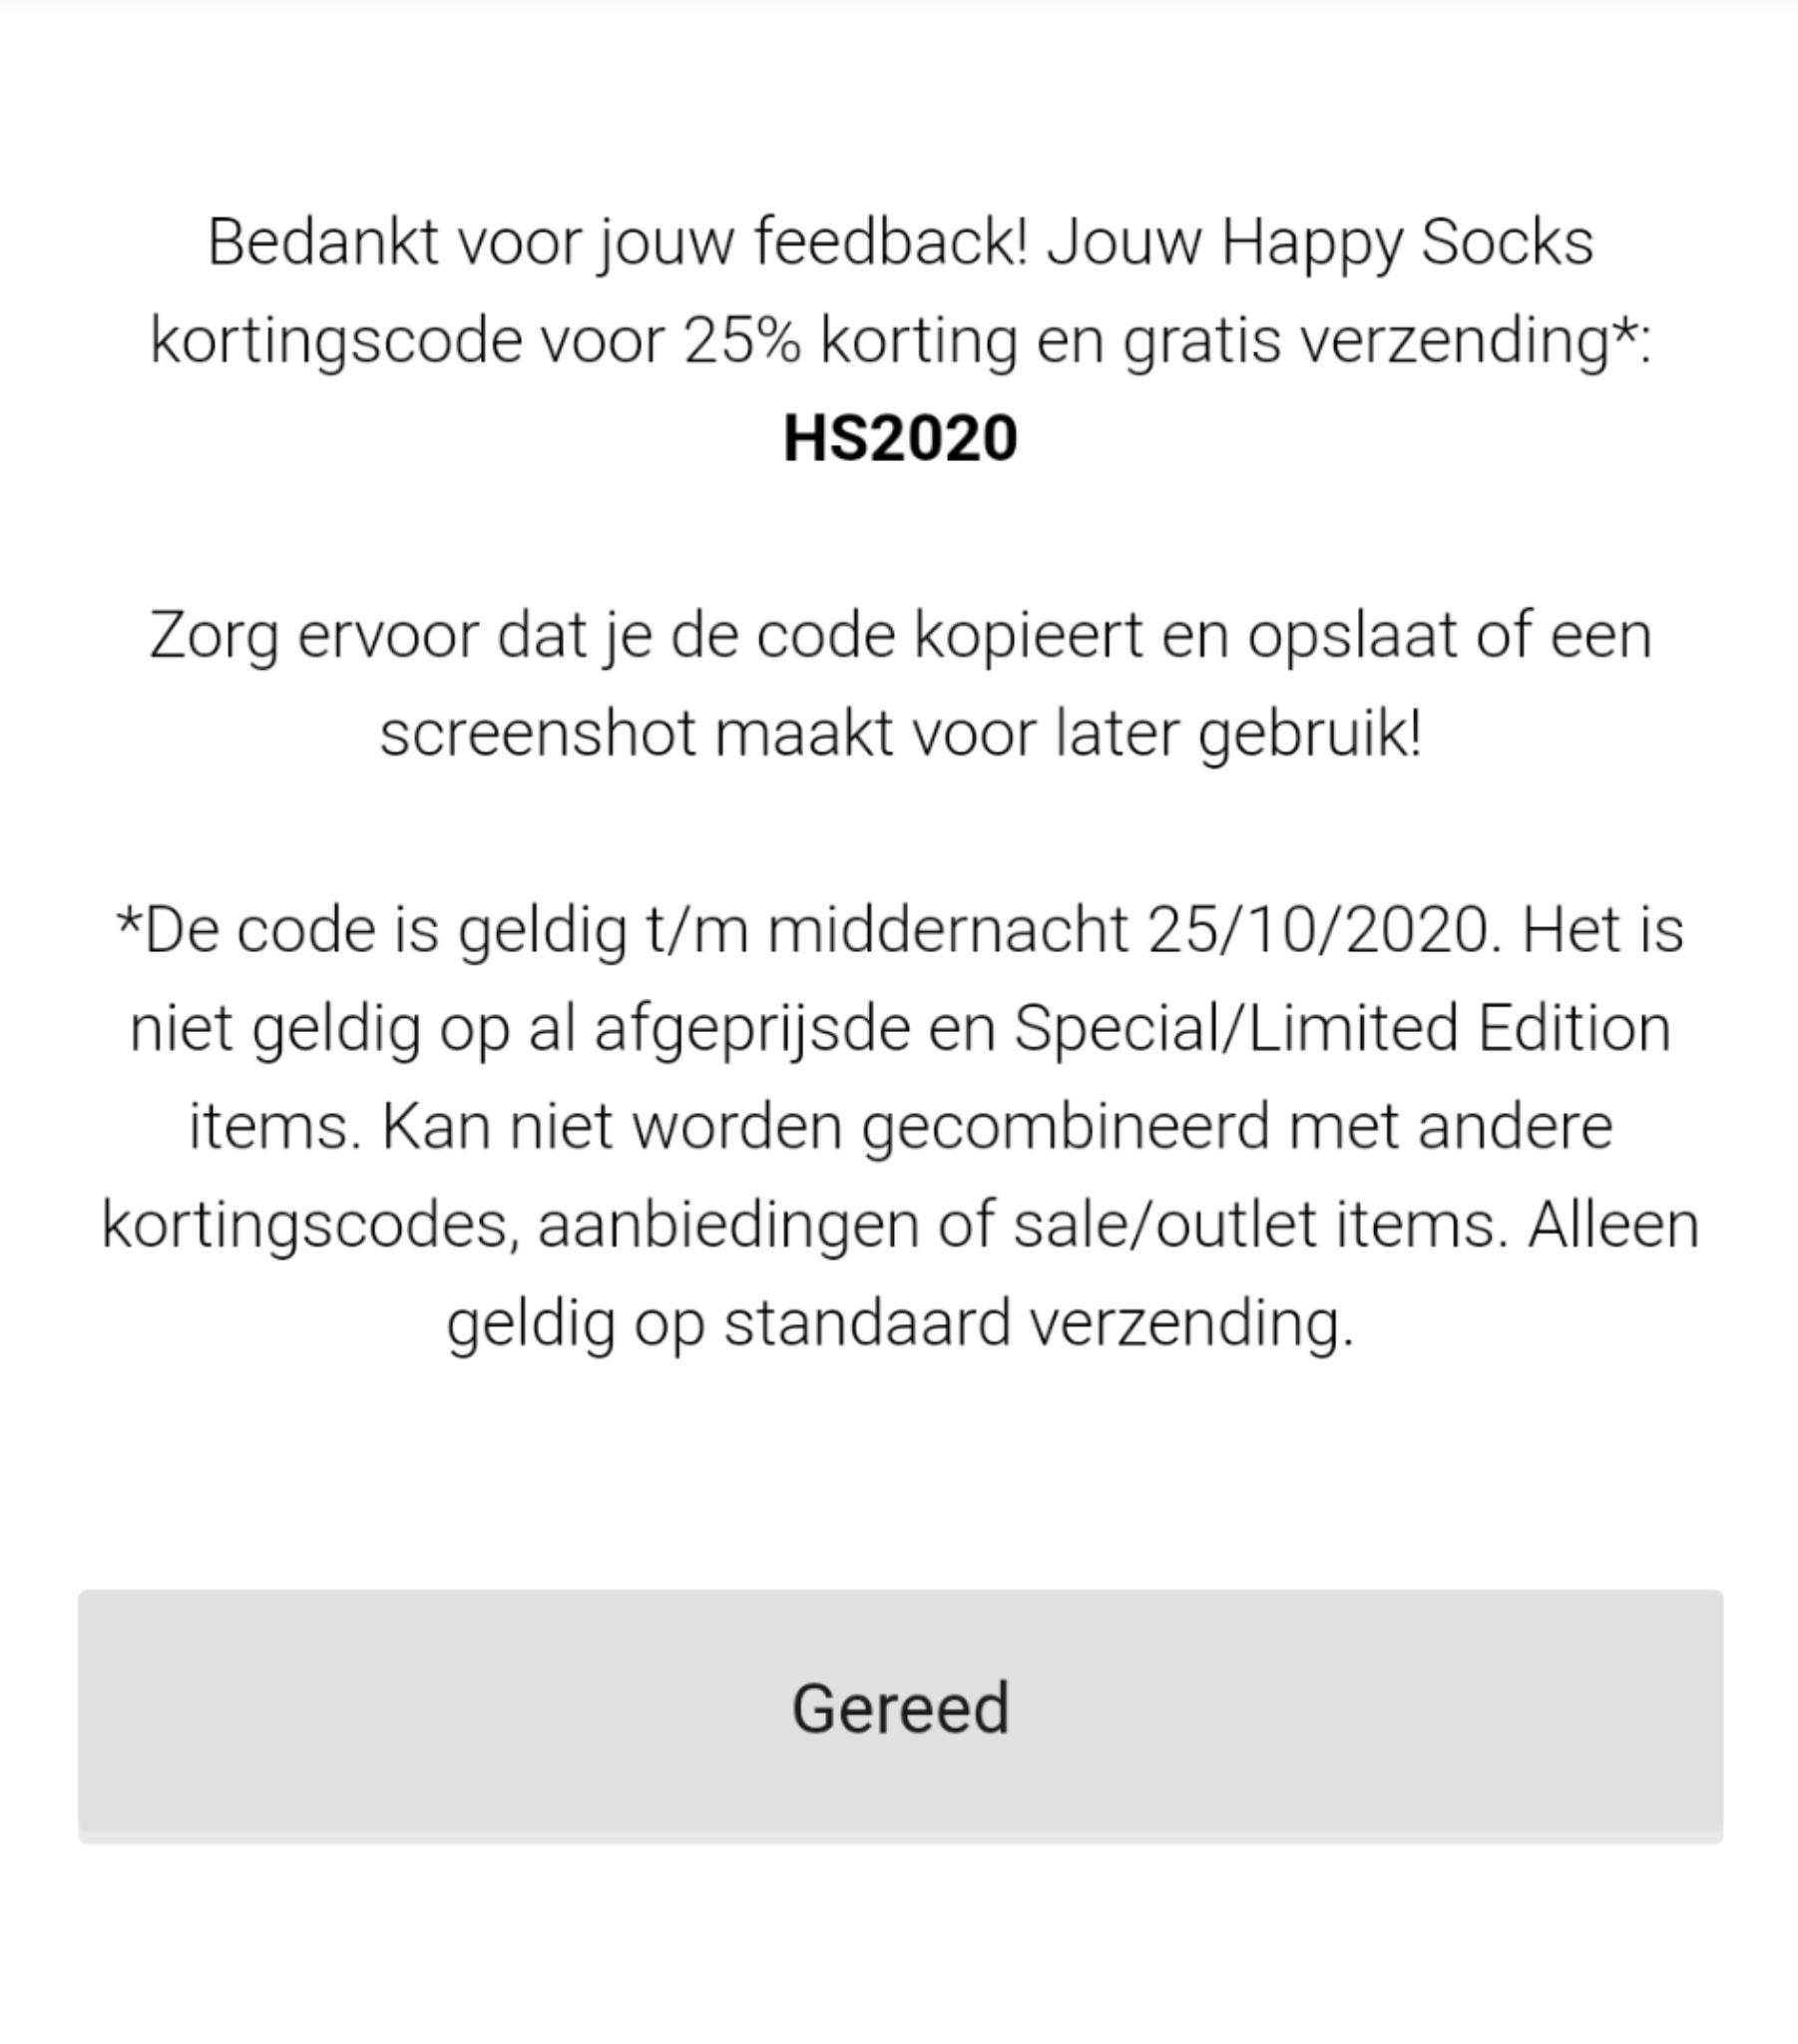 Gratis verzending & 25% korting Happy Socks